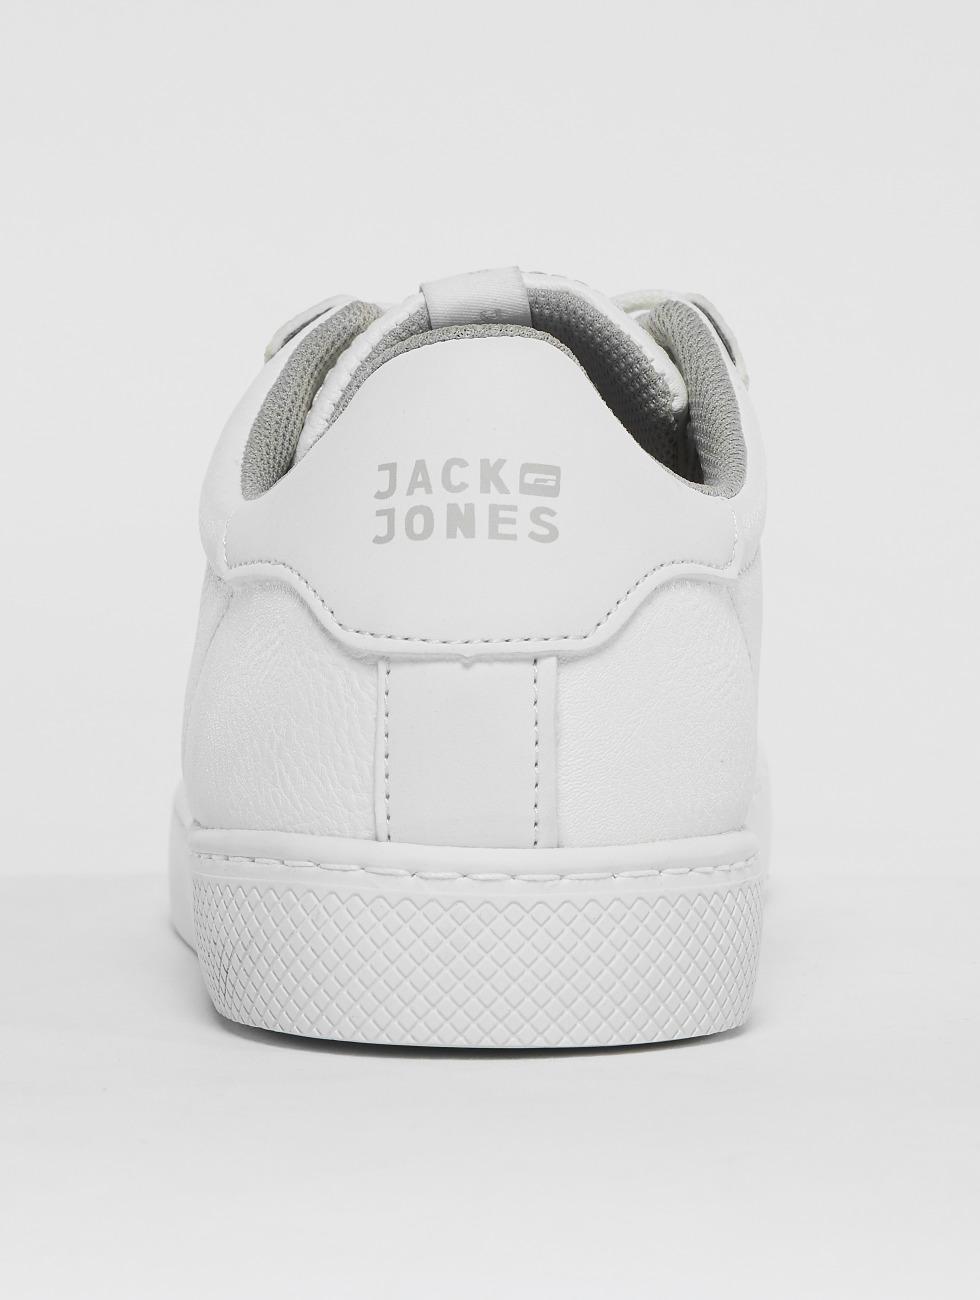 Jack & Jones schoen / sneaker jfw in wit 468475 Kopen Online Goedkope Prijs v0OQUC1h